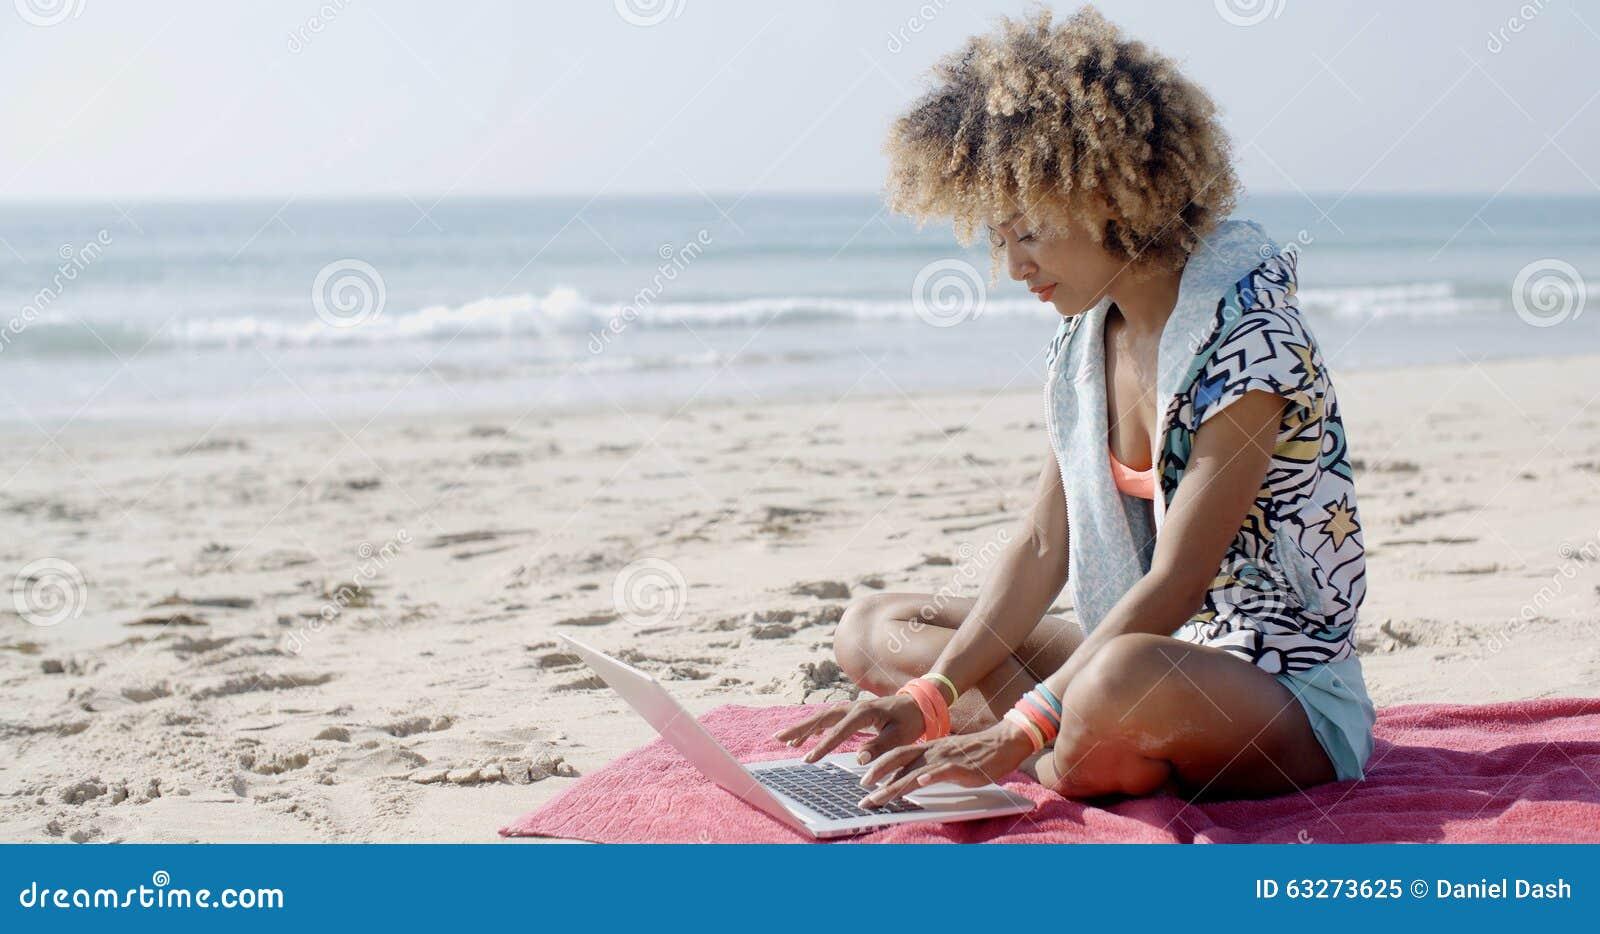 Фото песка и девушек